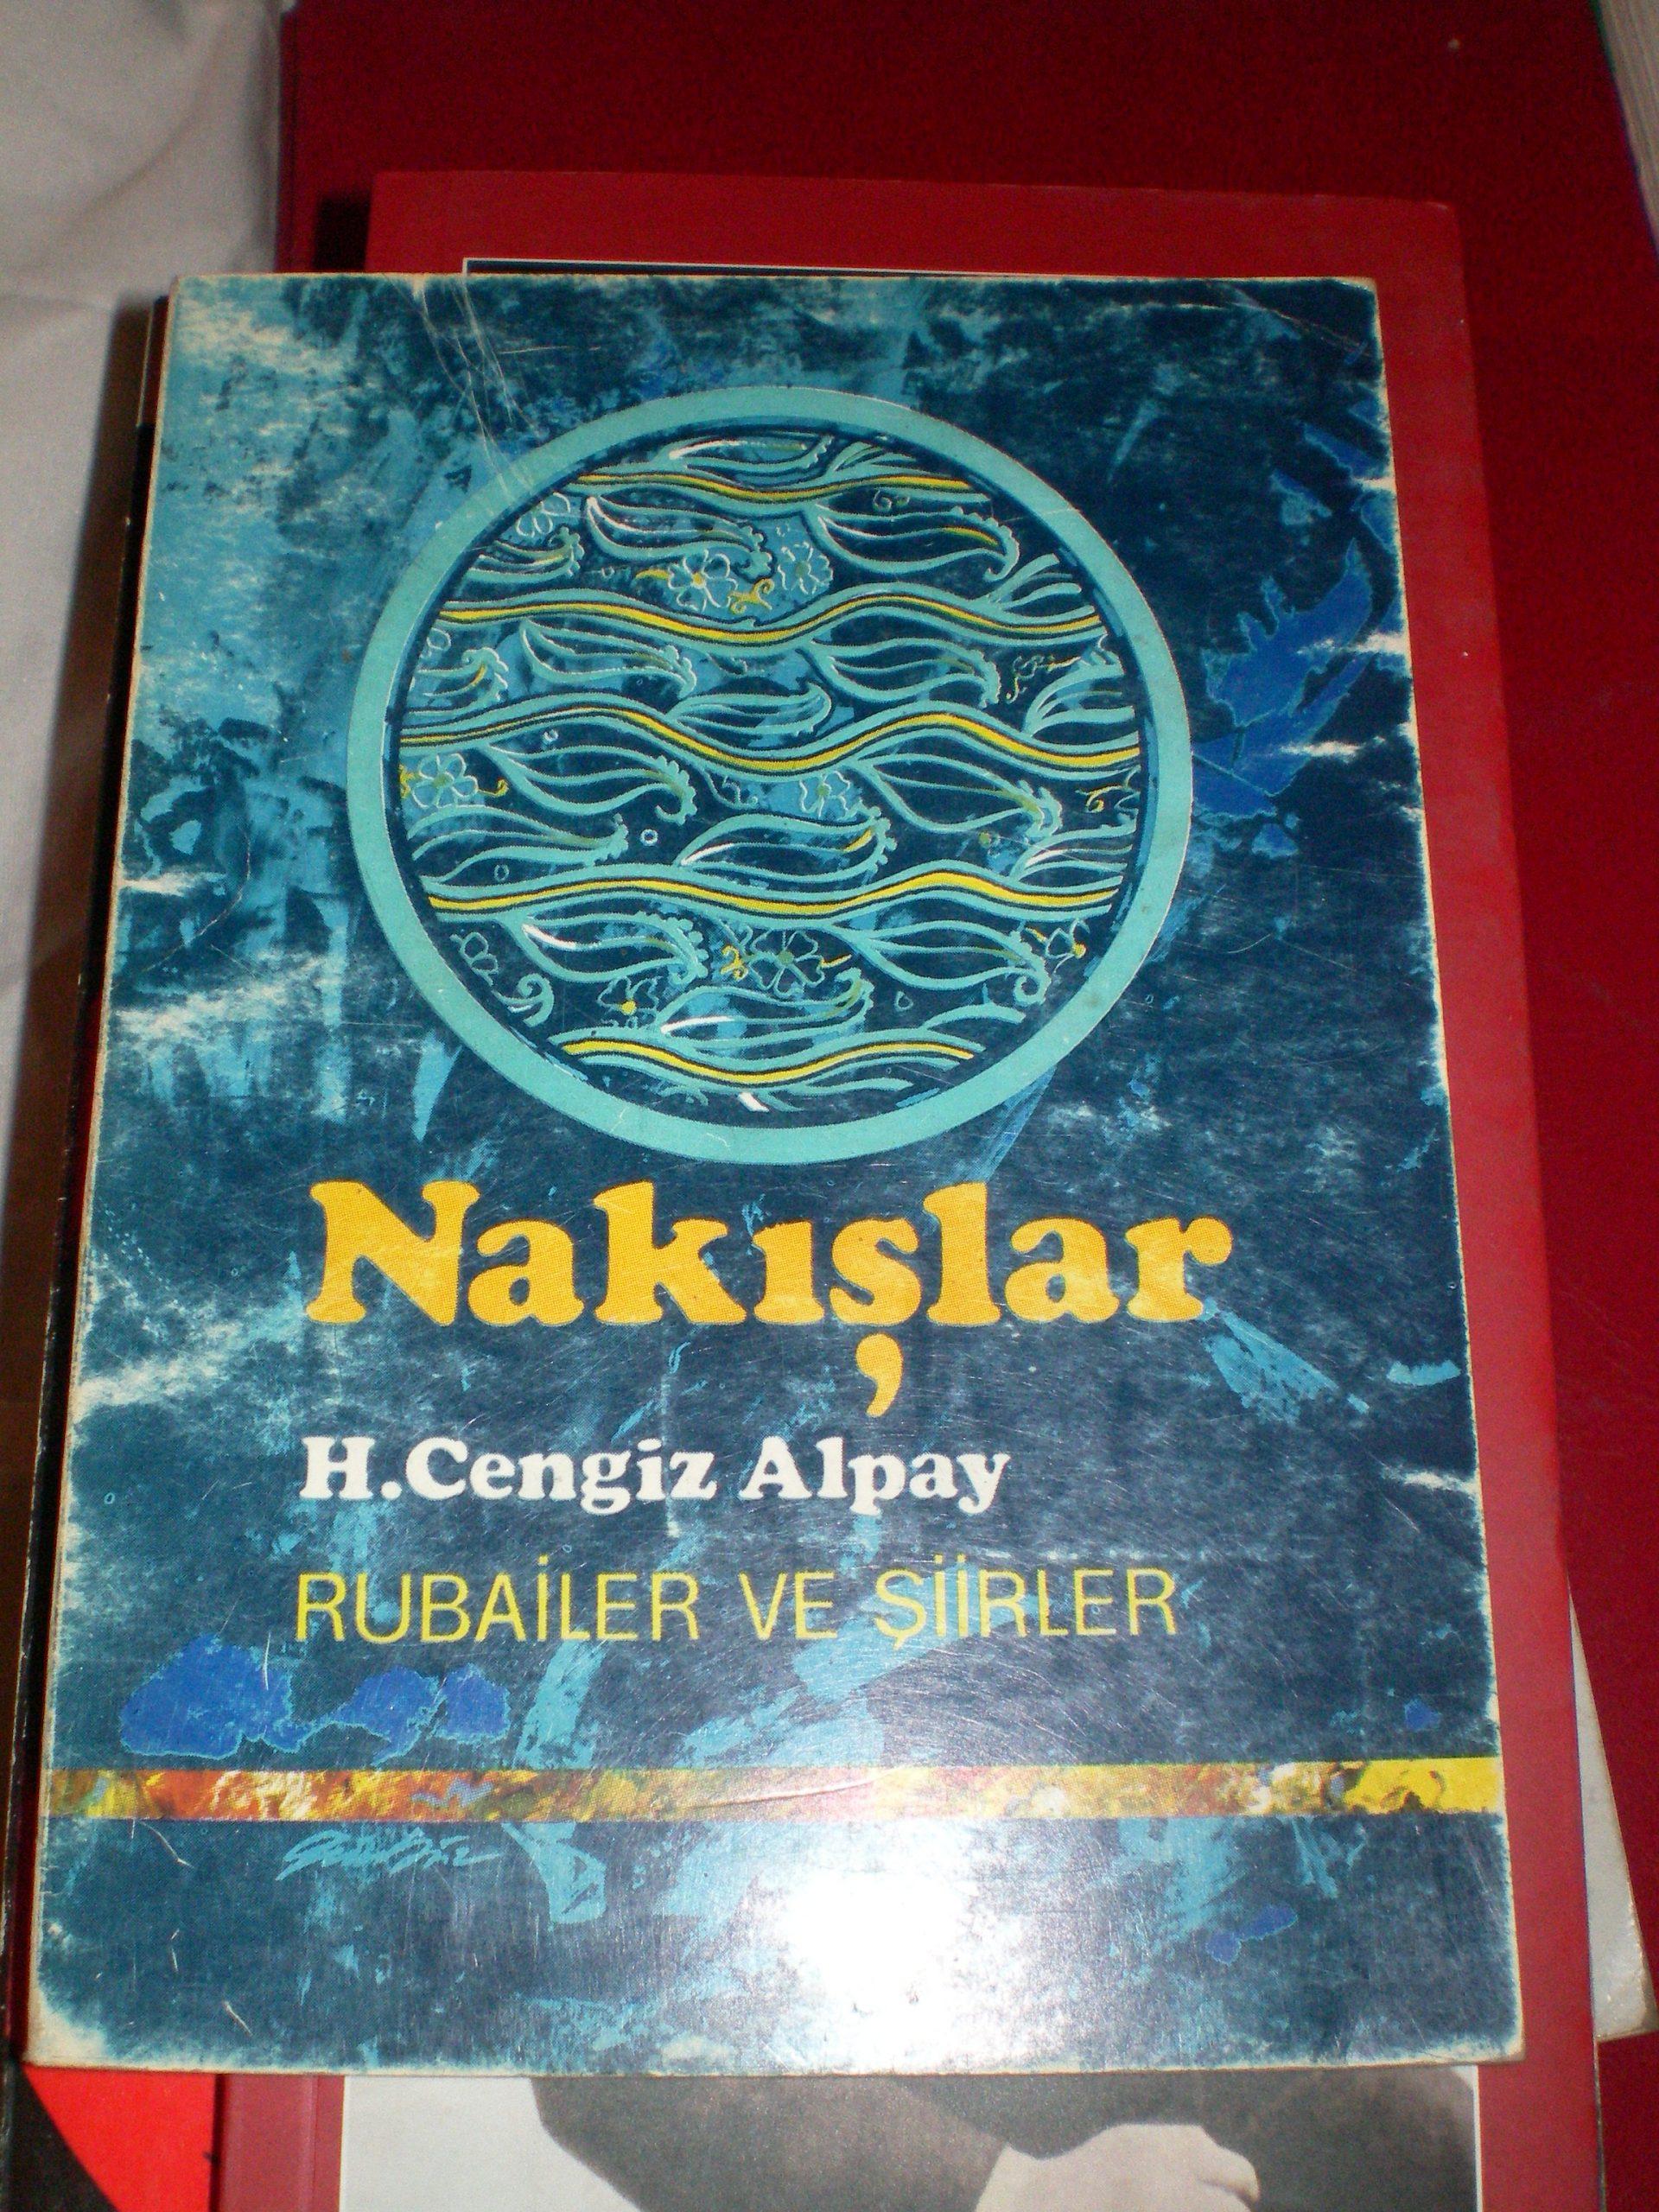 NAKIŞLAR-Rubailer ve şiirler/H .Cengiz ALPAY/ 10 TL